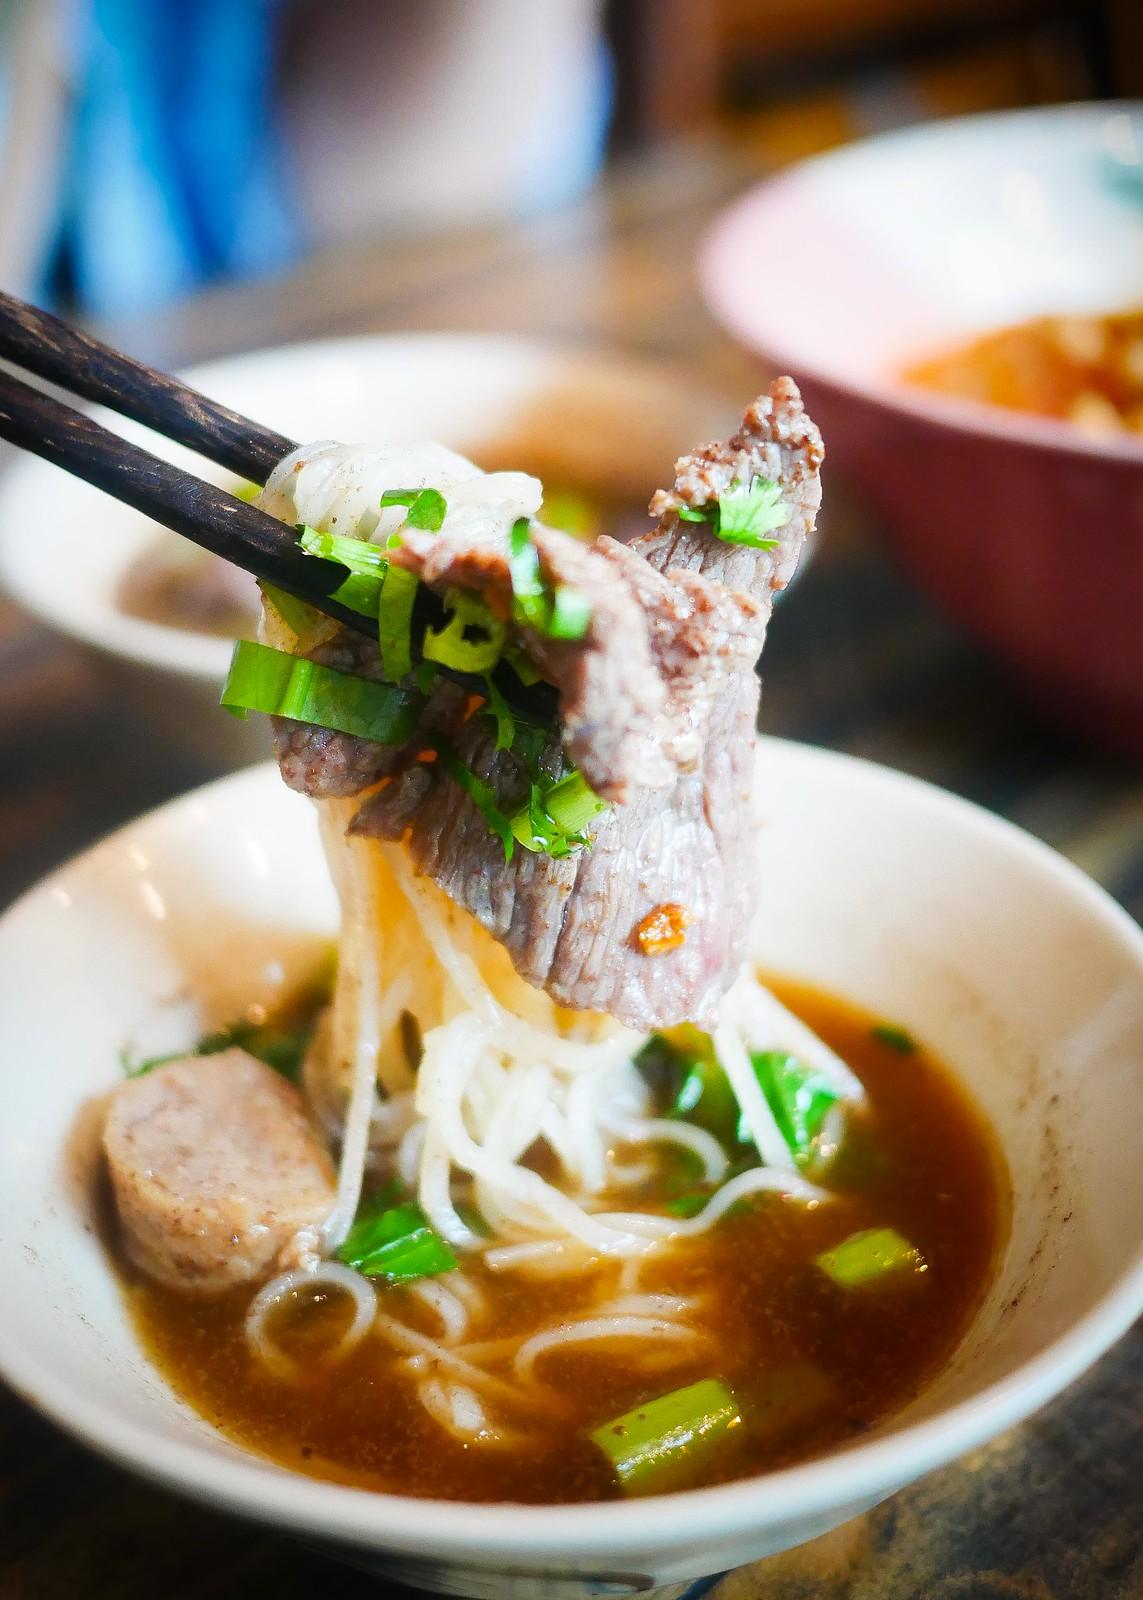 Beef noodles focus